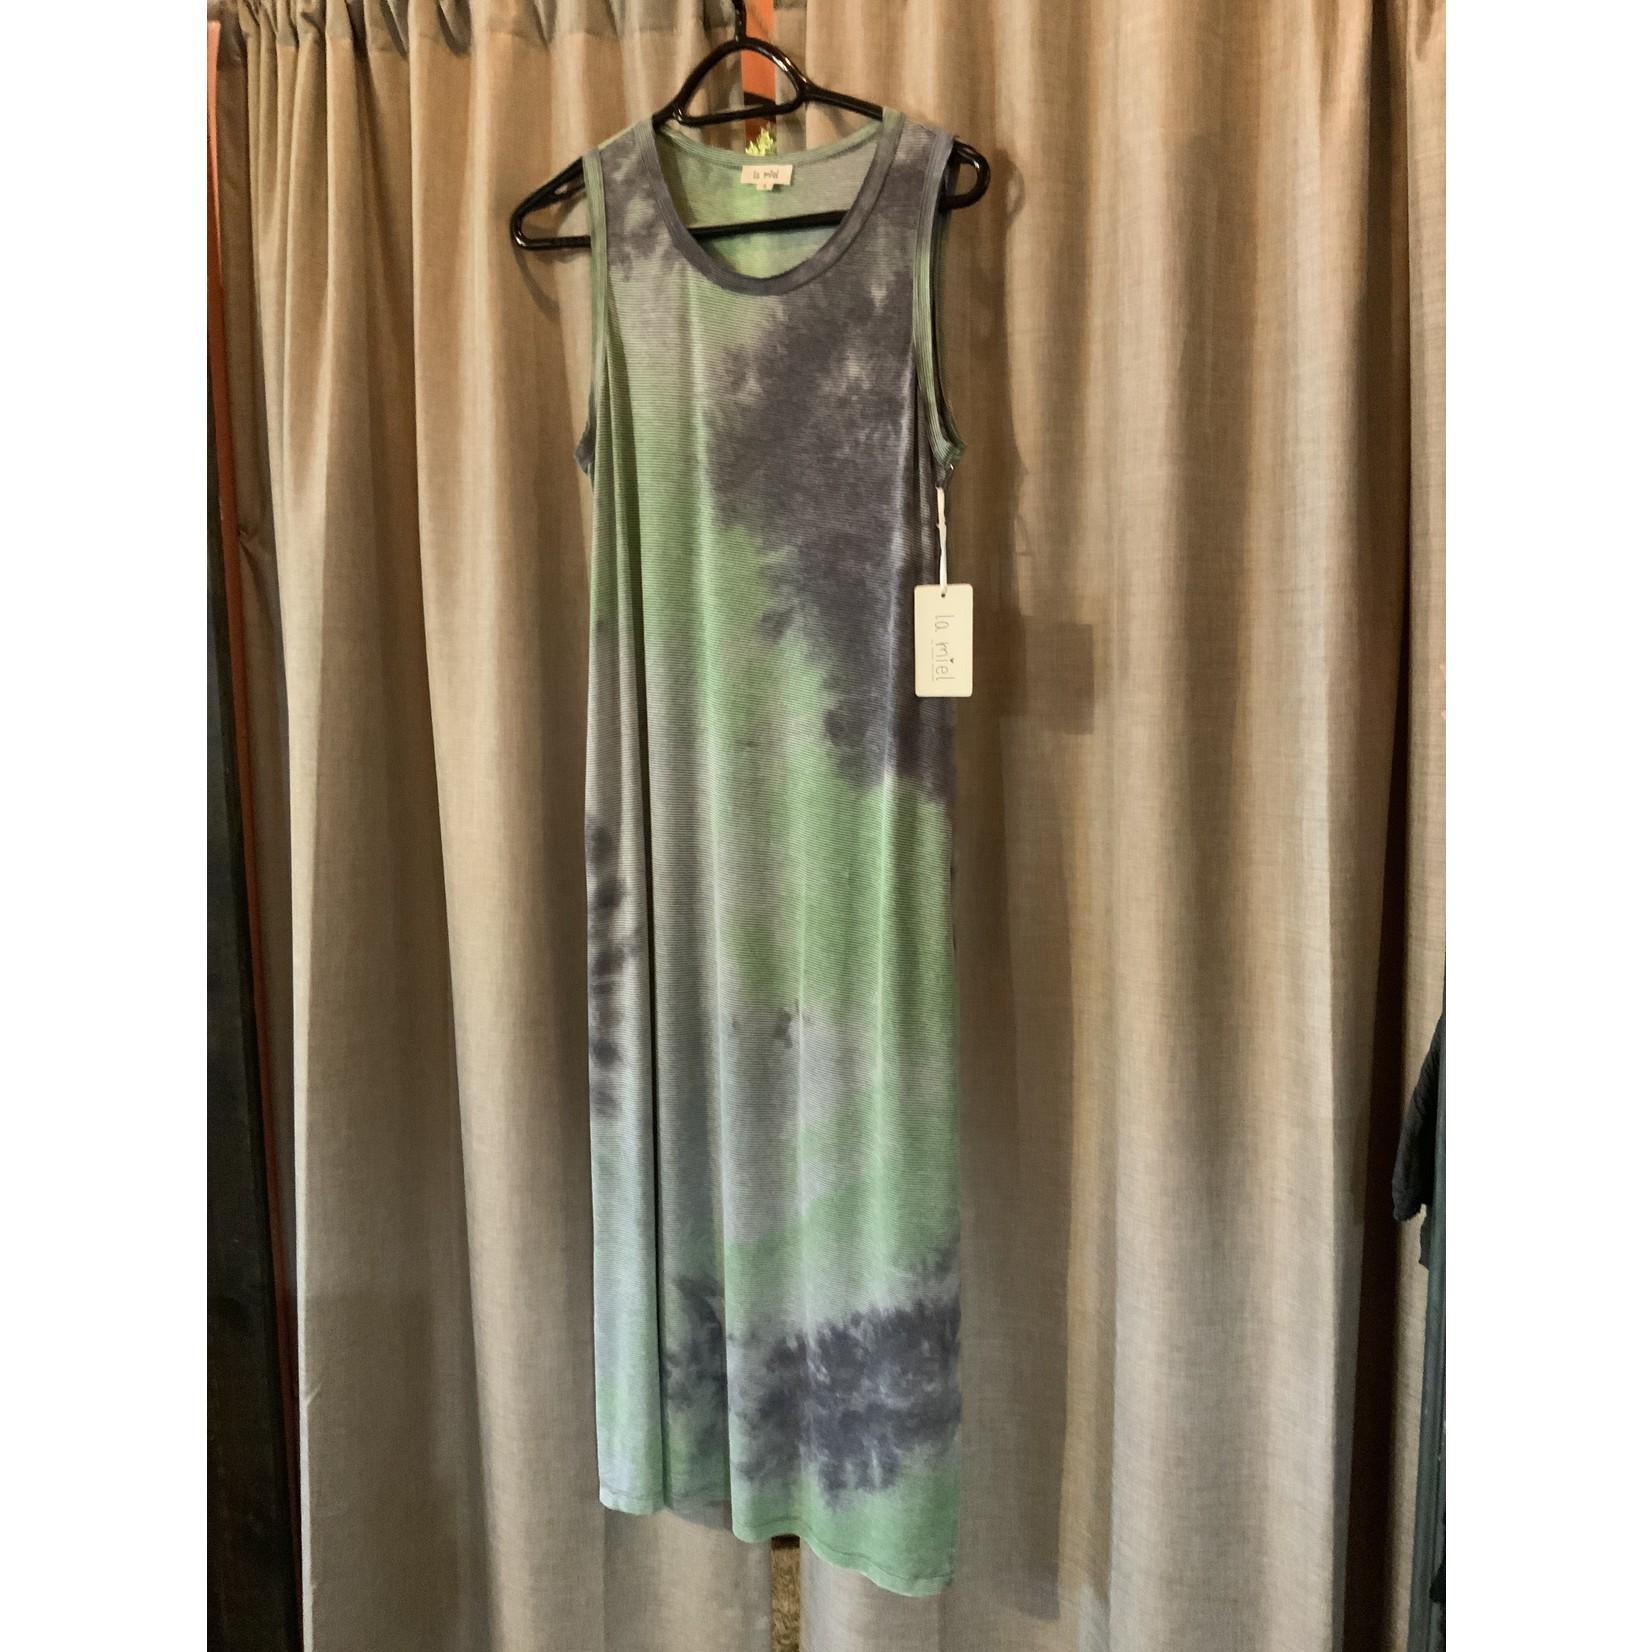 LA Miel Dress: Joani Tye-dye Maxi